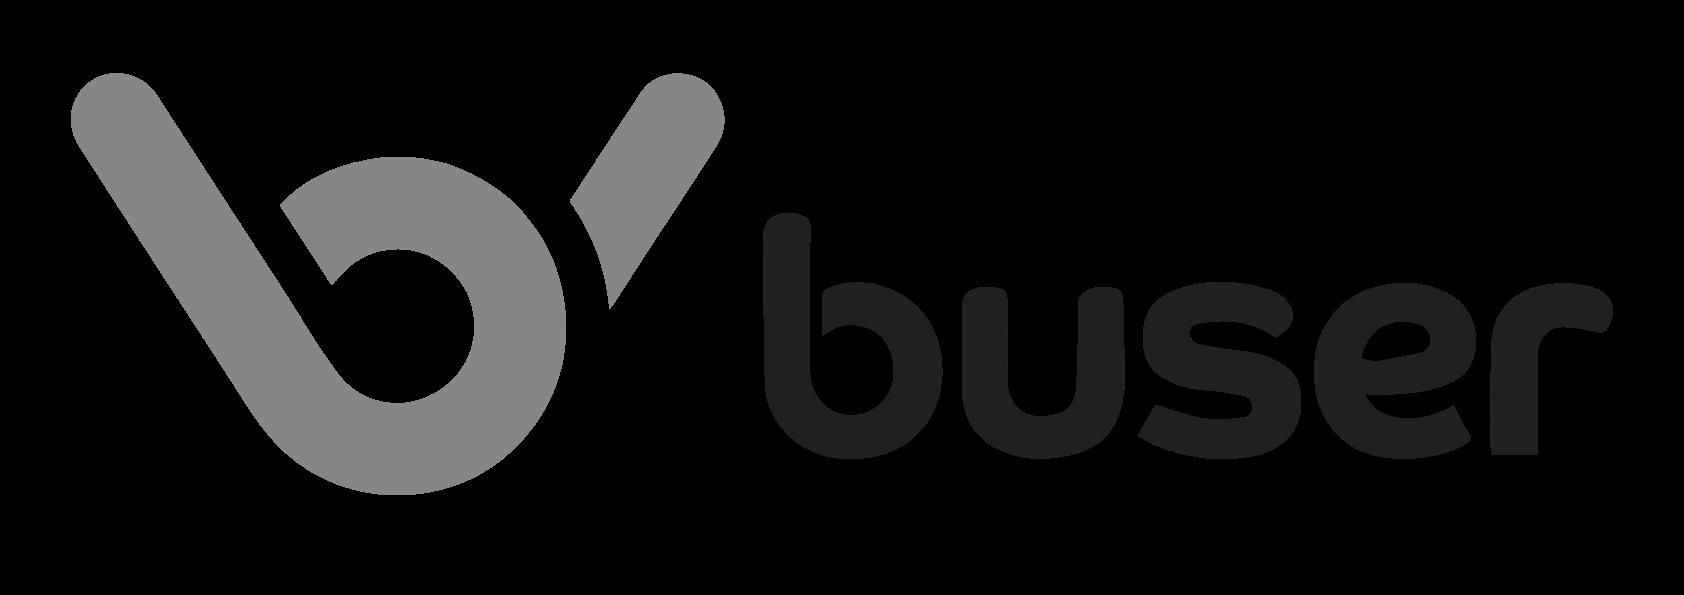 Logo da empresa Buser